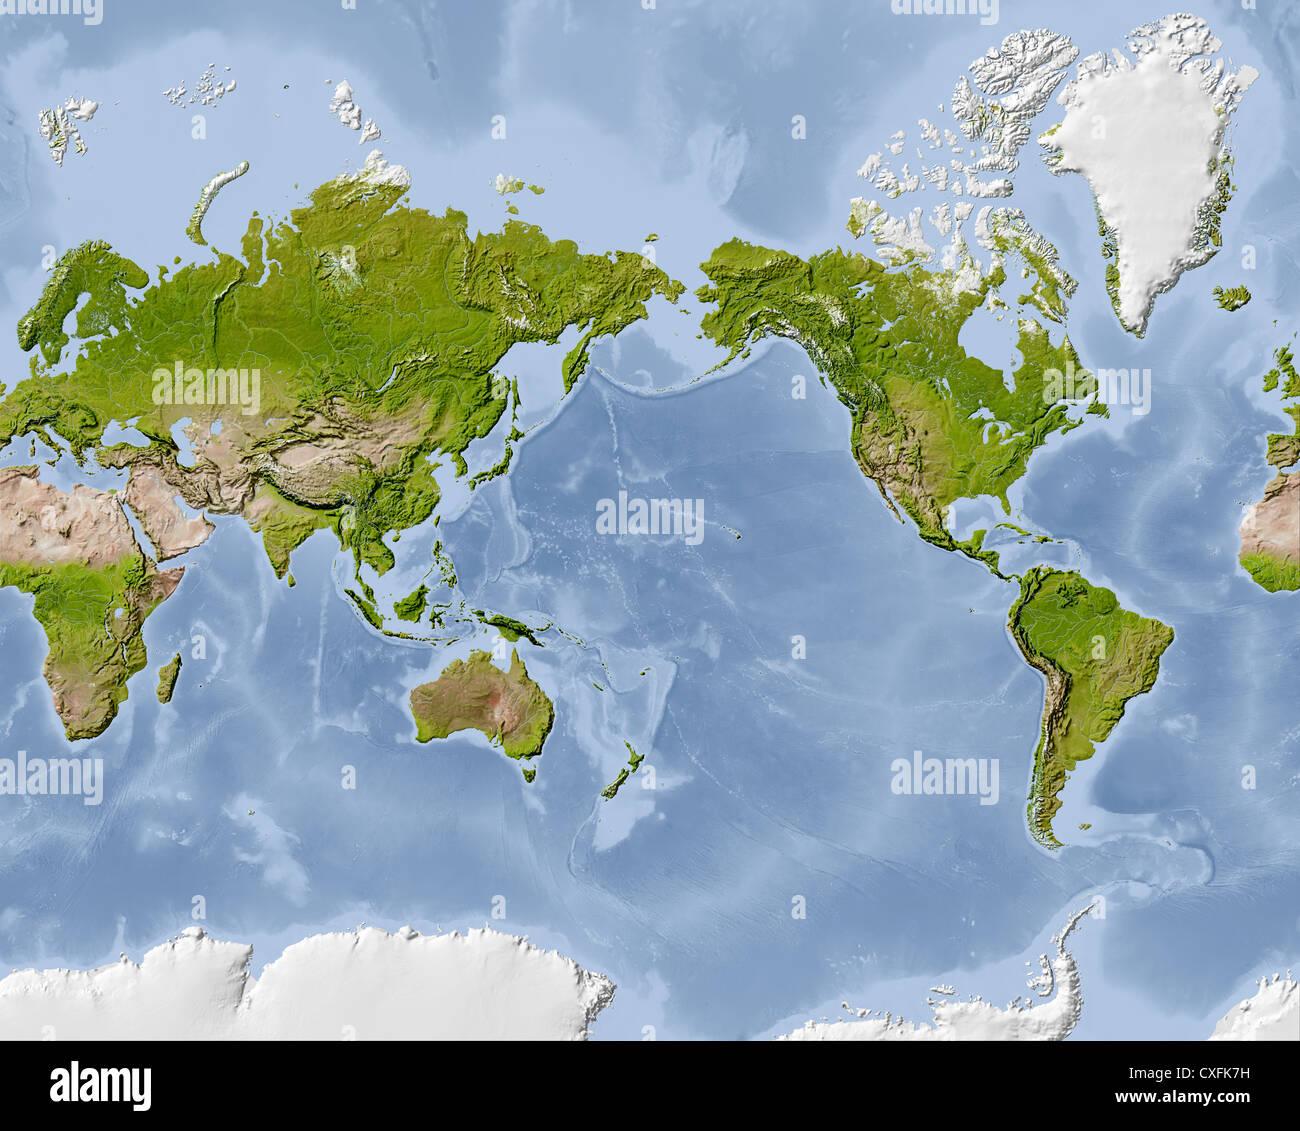 Carte du monde, carte en relief ombré. Centré sur le Pacifique. Photo Stock